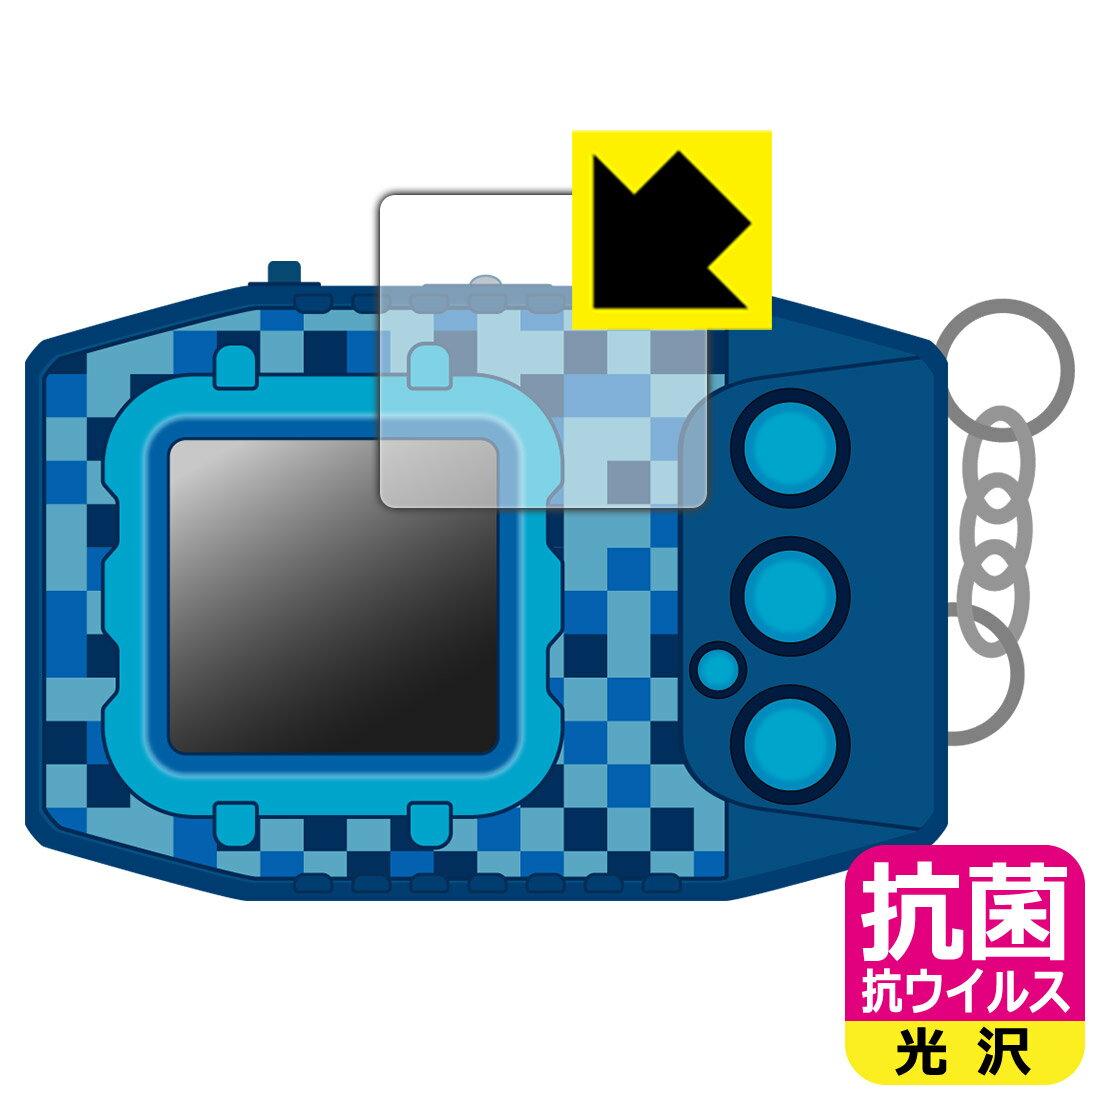 電子玩具・キッズ家電, その他 Z Z II RCPsmtb-kd